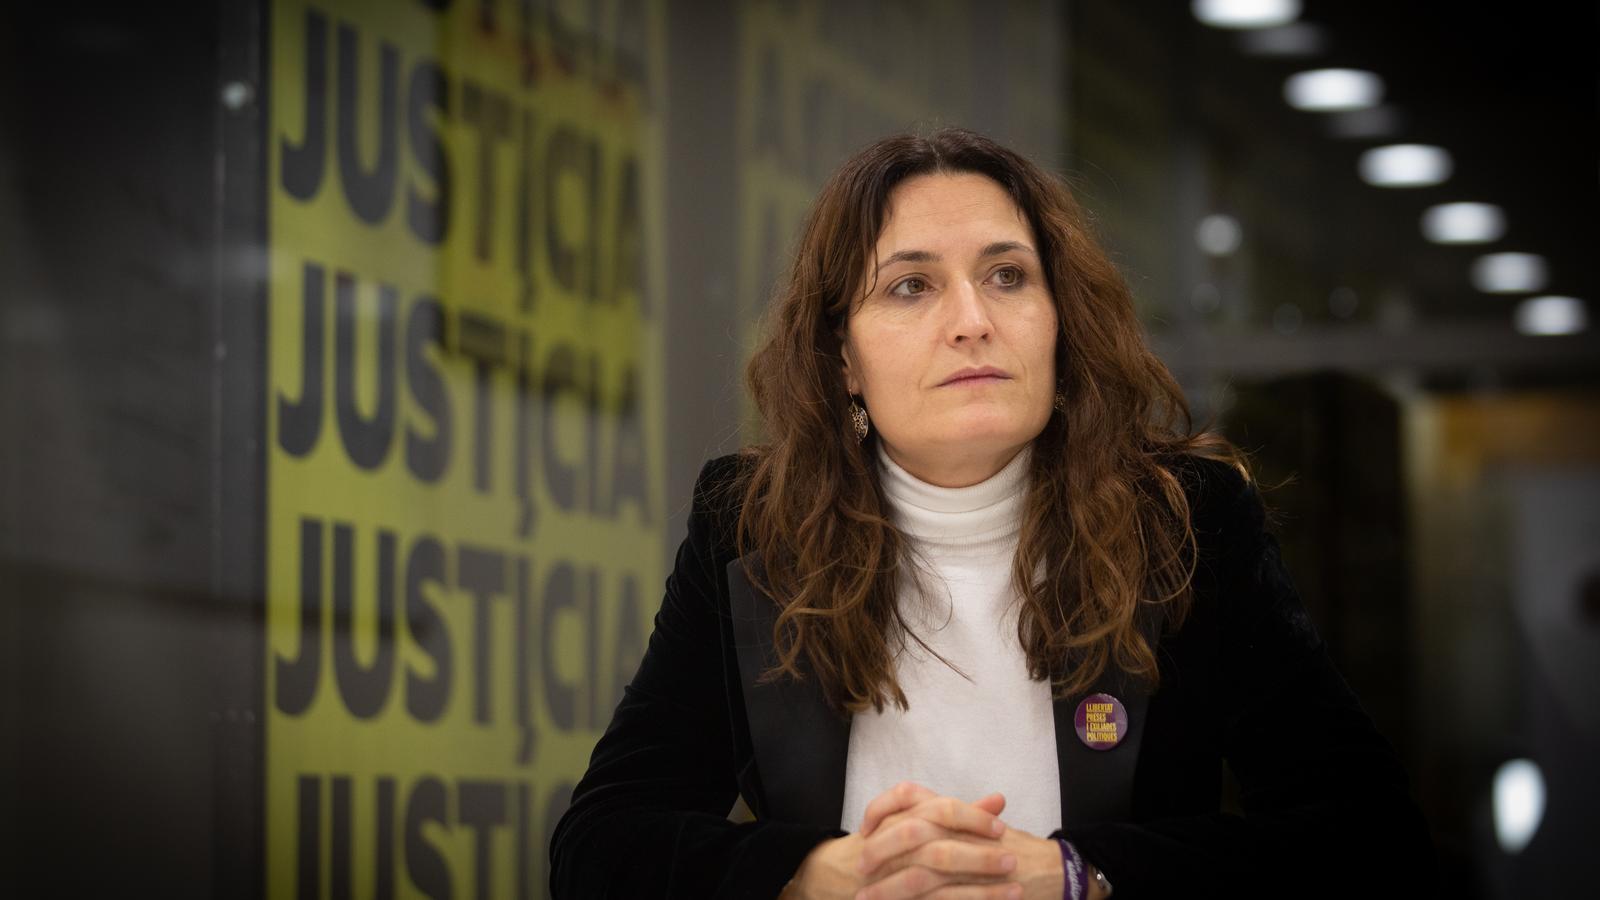 La número dos d'ERC a les eleccions al Parlament, Laura Vilagrà. / DAVID ZORRAKINO / EUROPA PRESS